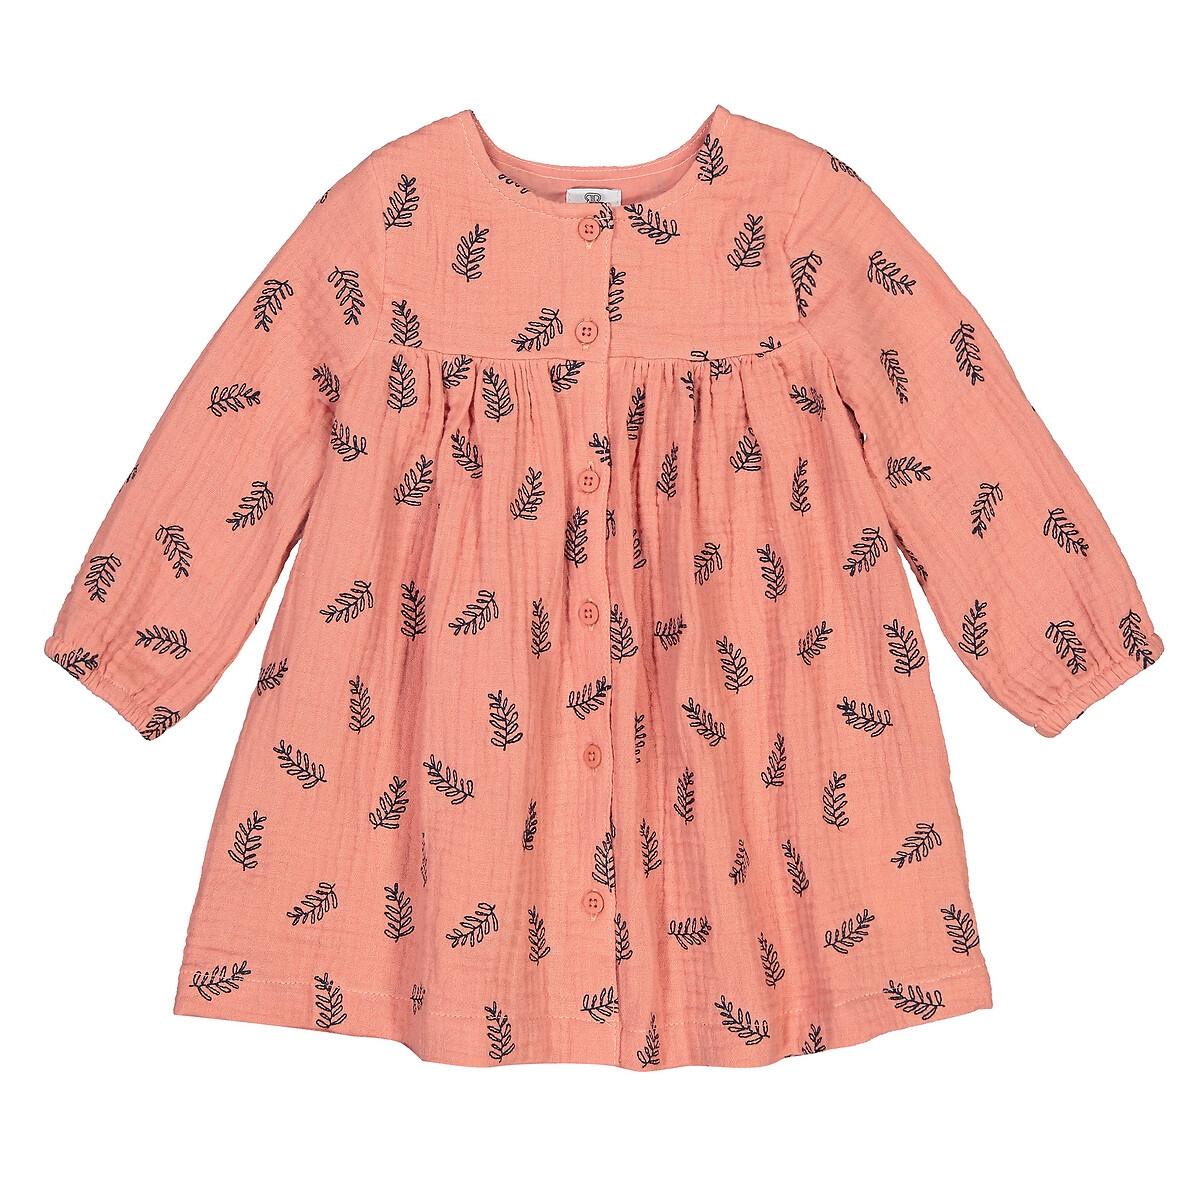 Платье LaRedoute С принтом из хлопчатобумажной газовой ткани 3 мес-4 года 9 мес. - 71 см розовый брюки laredoute из мольтона с бантом 1 мес 3 года 9 мес 71 см розовый